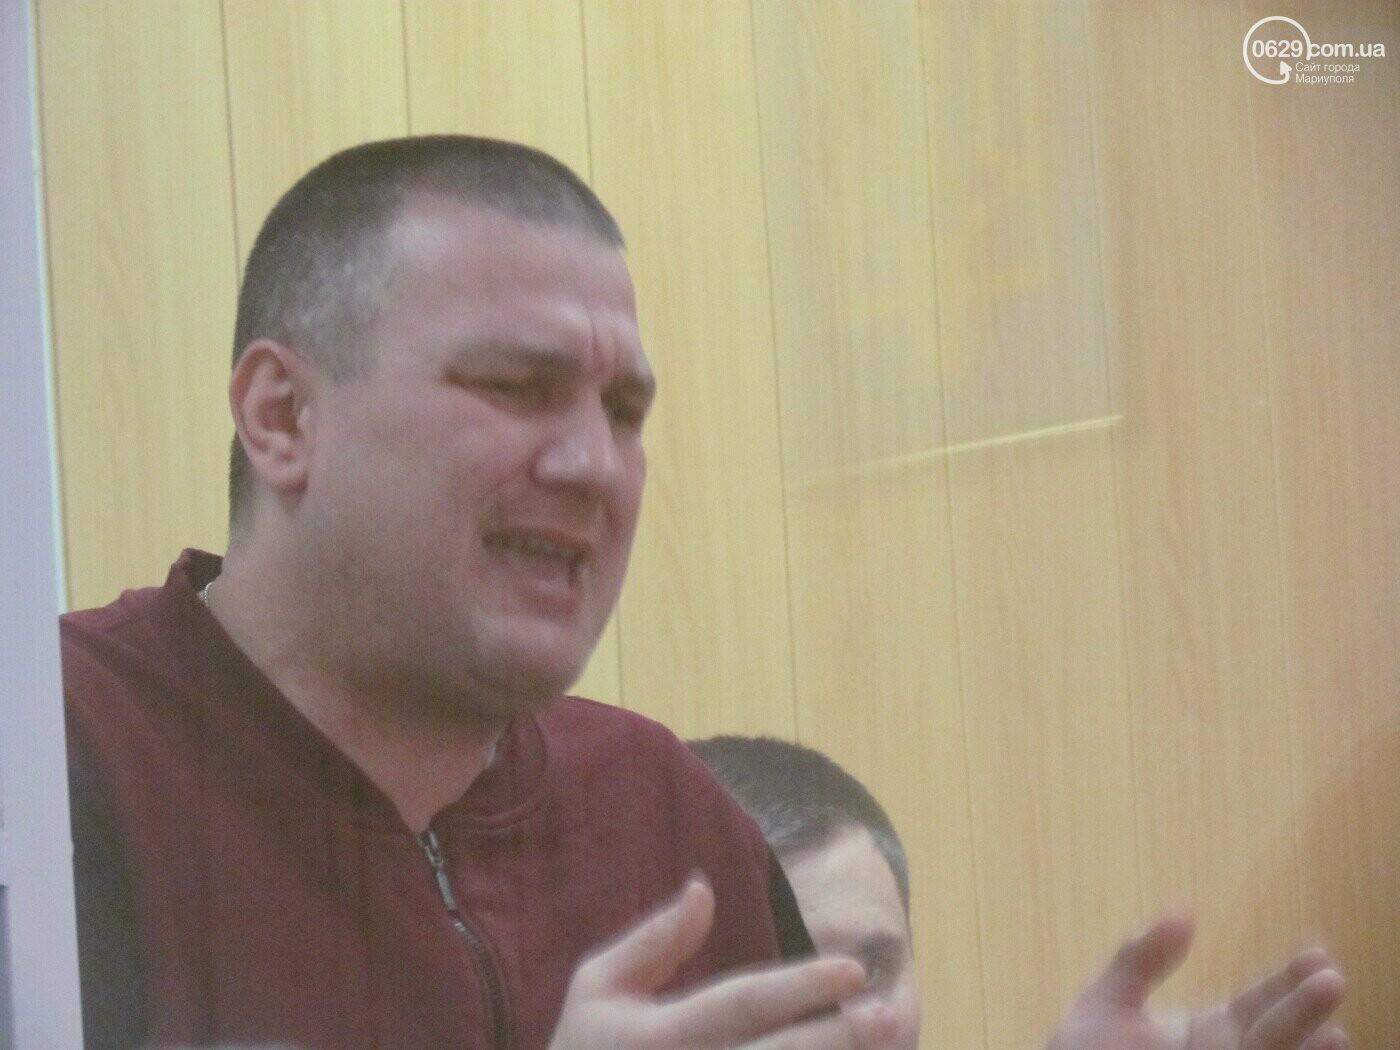 Под домашним арестом. Как живет обвиняемый в тройном убийстве Петр Салама, - ФОТО, фото-3